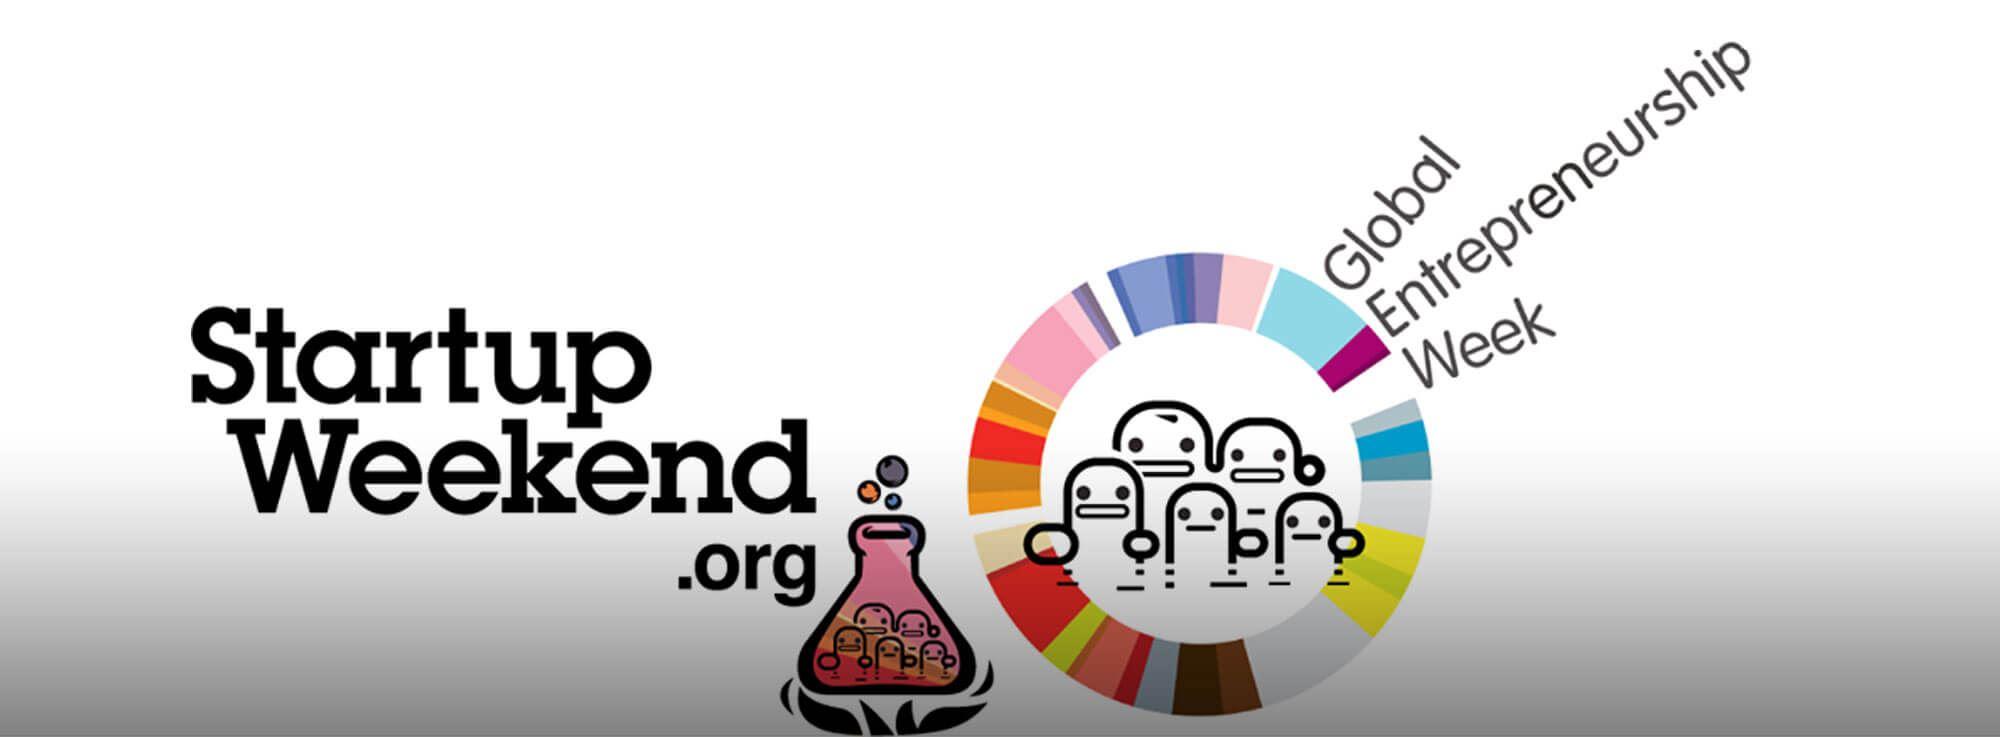 Bari: Startup Weekend